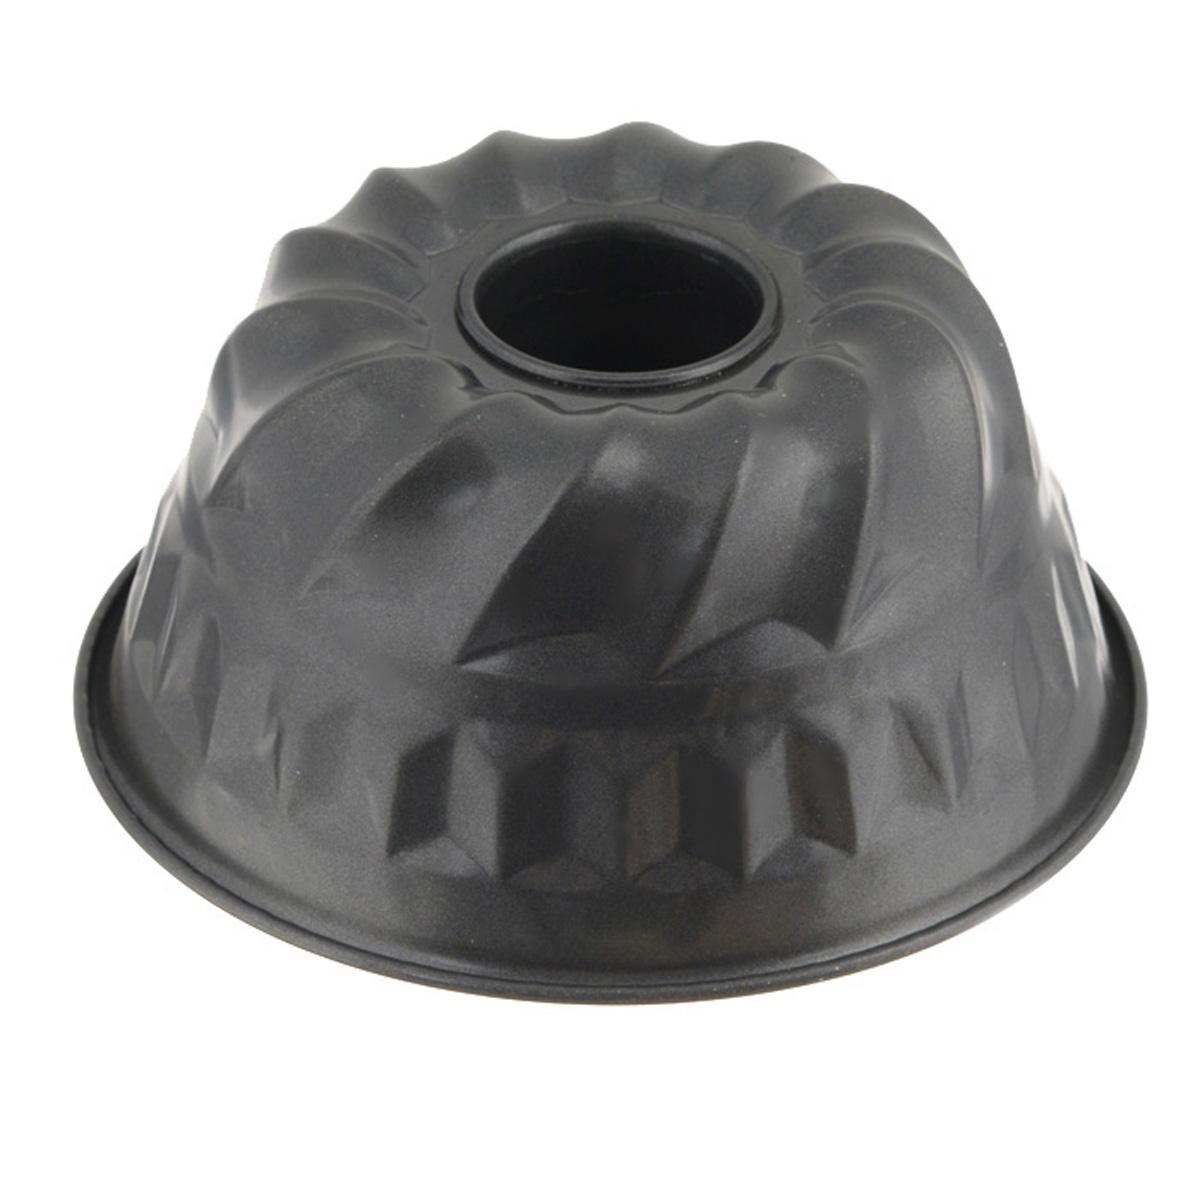 Форма для кекса Mayer & Boch, с антипригарным покрытием, круглая, диаметр 15 см20176Форма для кекса Mayer & Boch изготовлена из углеродистой стали с антипригарным покрытием, благодаря чему пища не пригорает и не прилипает к стенкам посуды. Кроме того, готовить можно с добавлением минимального количества масла и жиров. Антипригарное покрытие также обеспечивает легкость мытья. Внутренние боковые стенки рельефные, что придаст вашей выпечке особую аппетитную форму. Подходит для использования в духовом шкафу. Не подходит для СВЧ-печей. Рекомендуется ручная чистка. Используйте только деревянные и пластиковые лопатки. Высота стенок: 5 см. Диаметр (по верхнему краю): 15 см. Диаметр основания: 9,5 см.